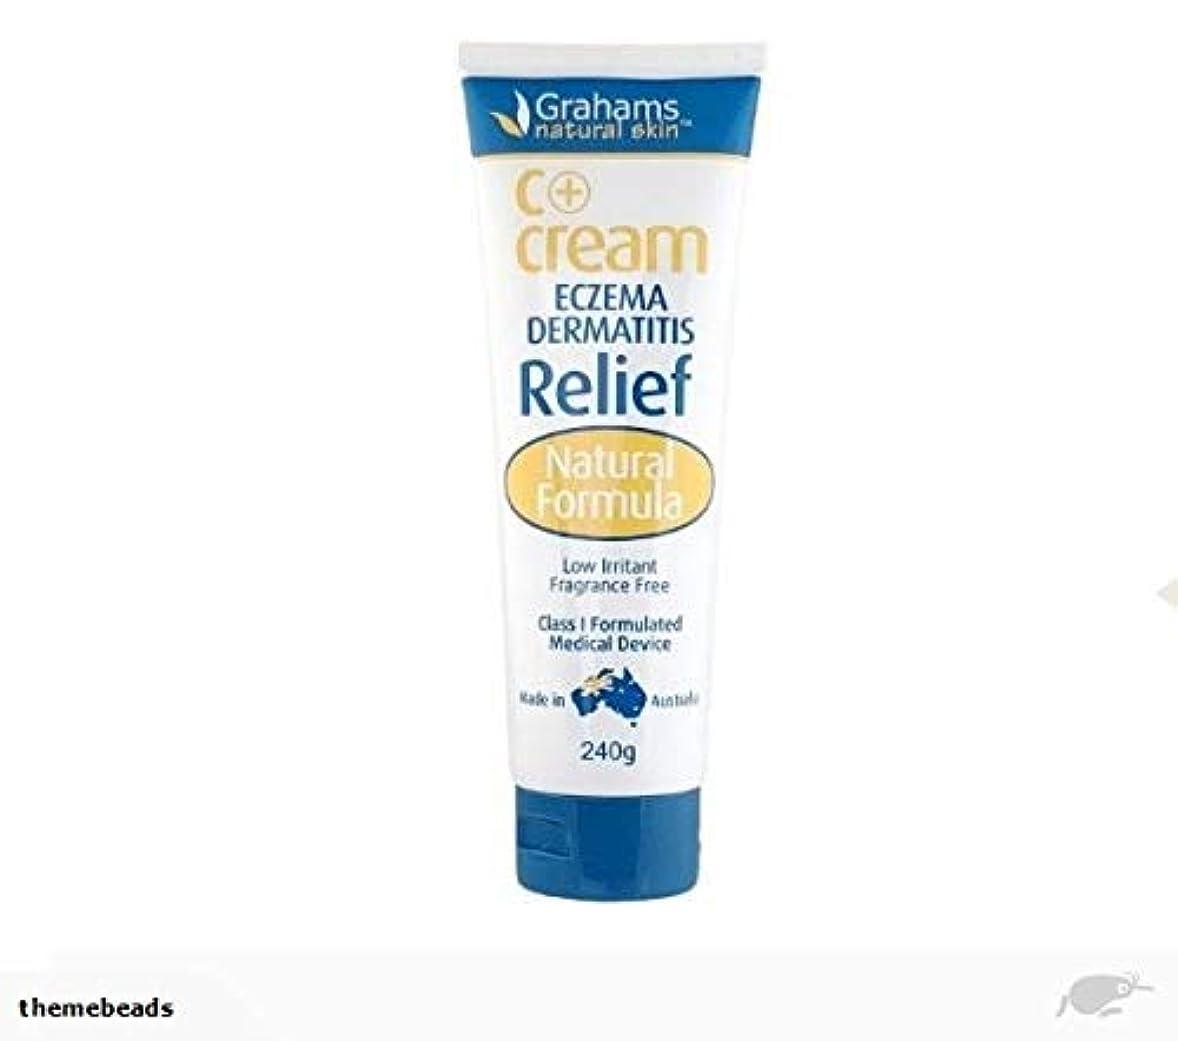 開梱フレームワークリテラシー[Grahams] 湿疹 かぶれ肌に C+クリーム 無香料 低刺激 (C+ Cream ECZEMA DERMATITIS Relif) 240g [海外直送品]